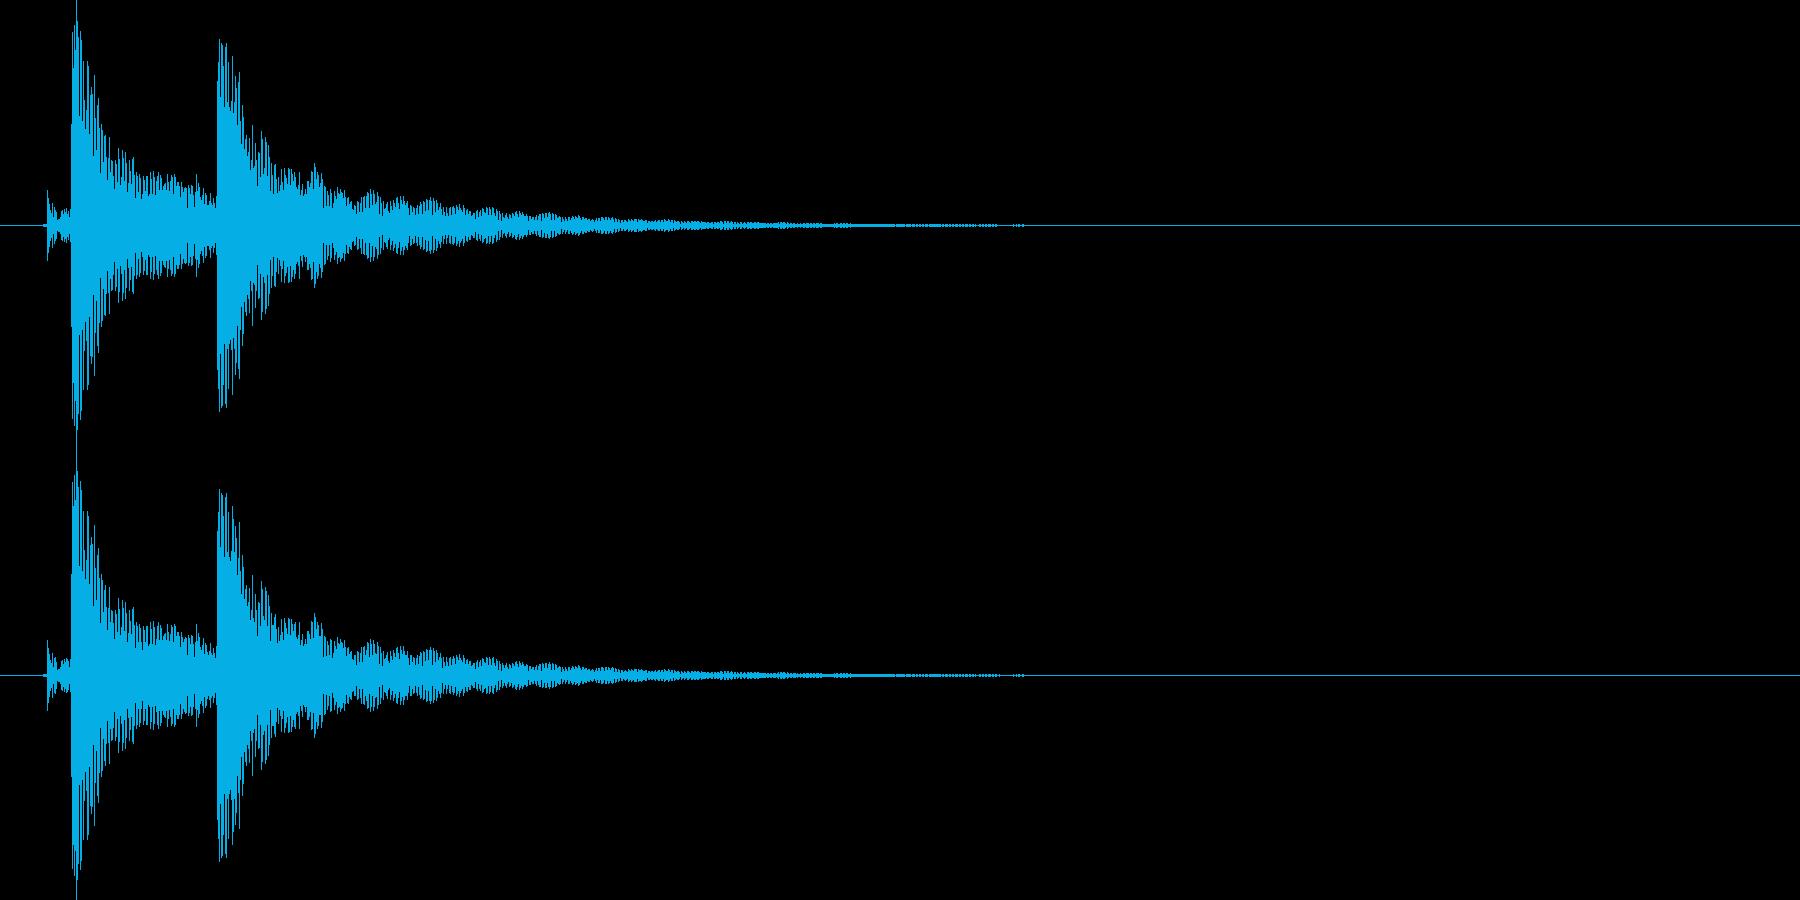 沖縄風クリック・タップ音1の再生済みの波形